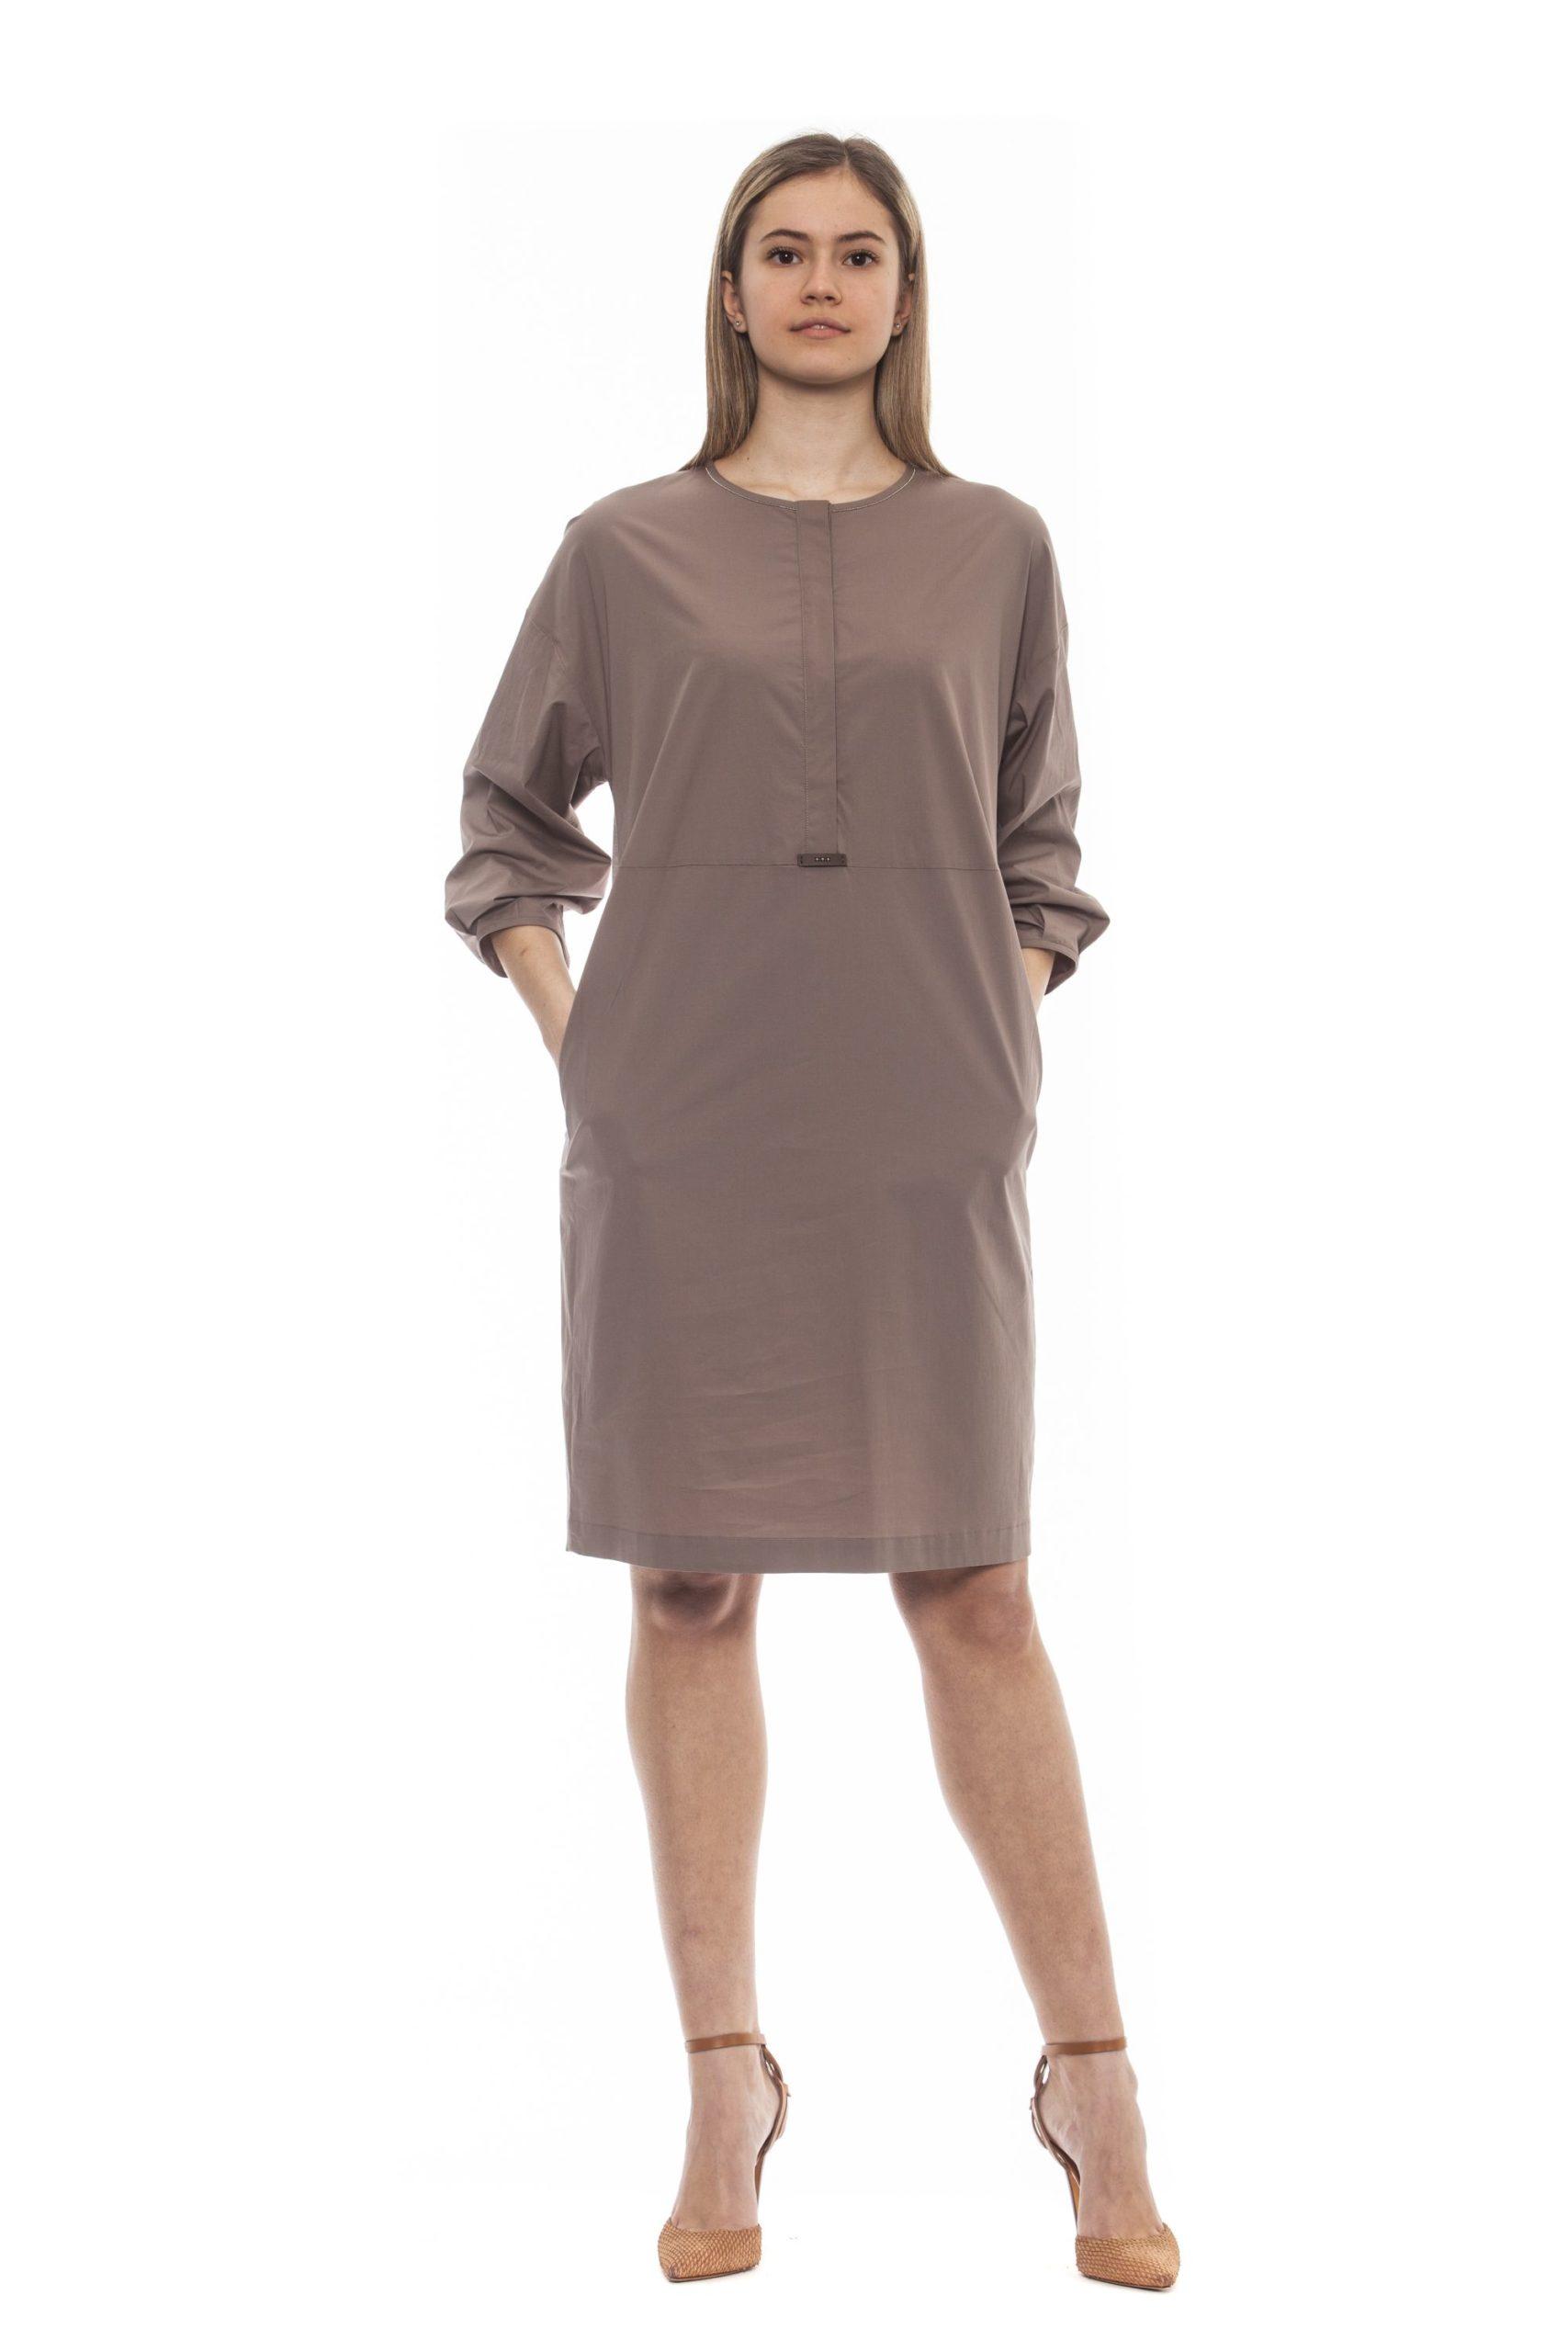 Peserico Women's Dress Beige PE1383274 - IT42   S